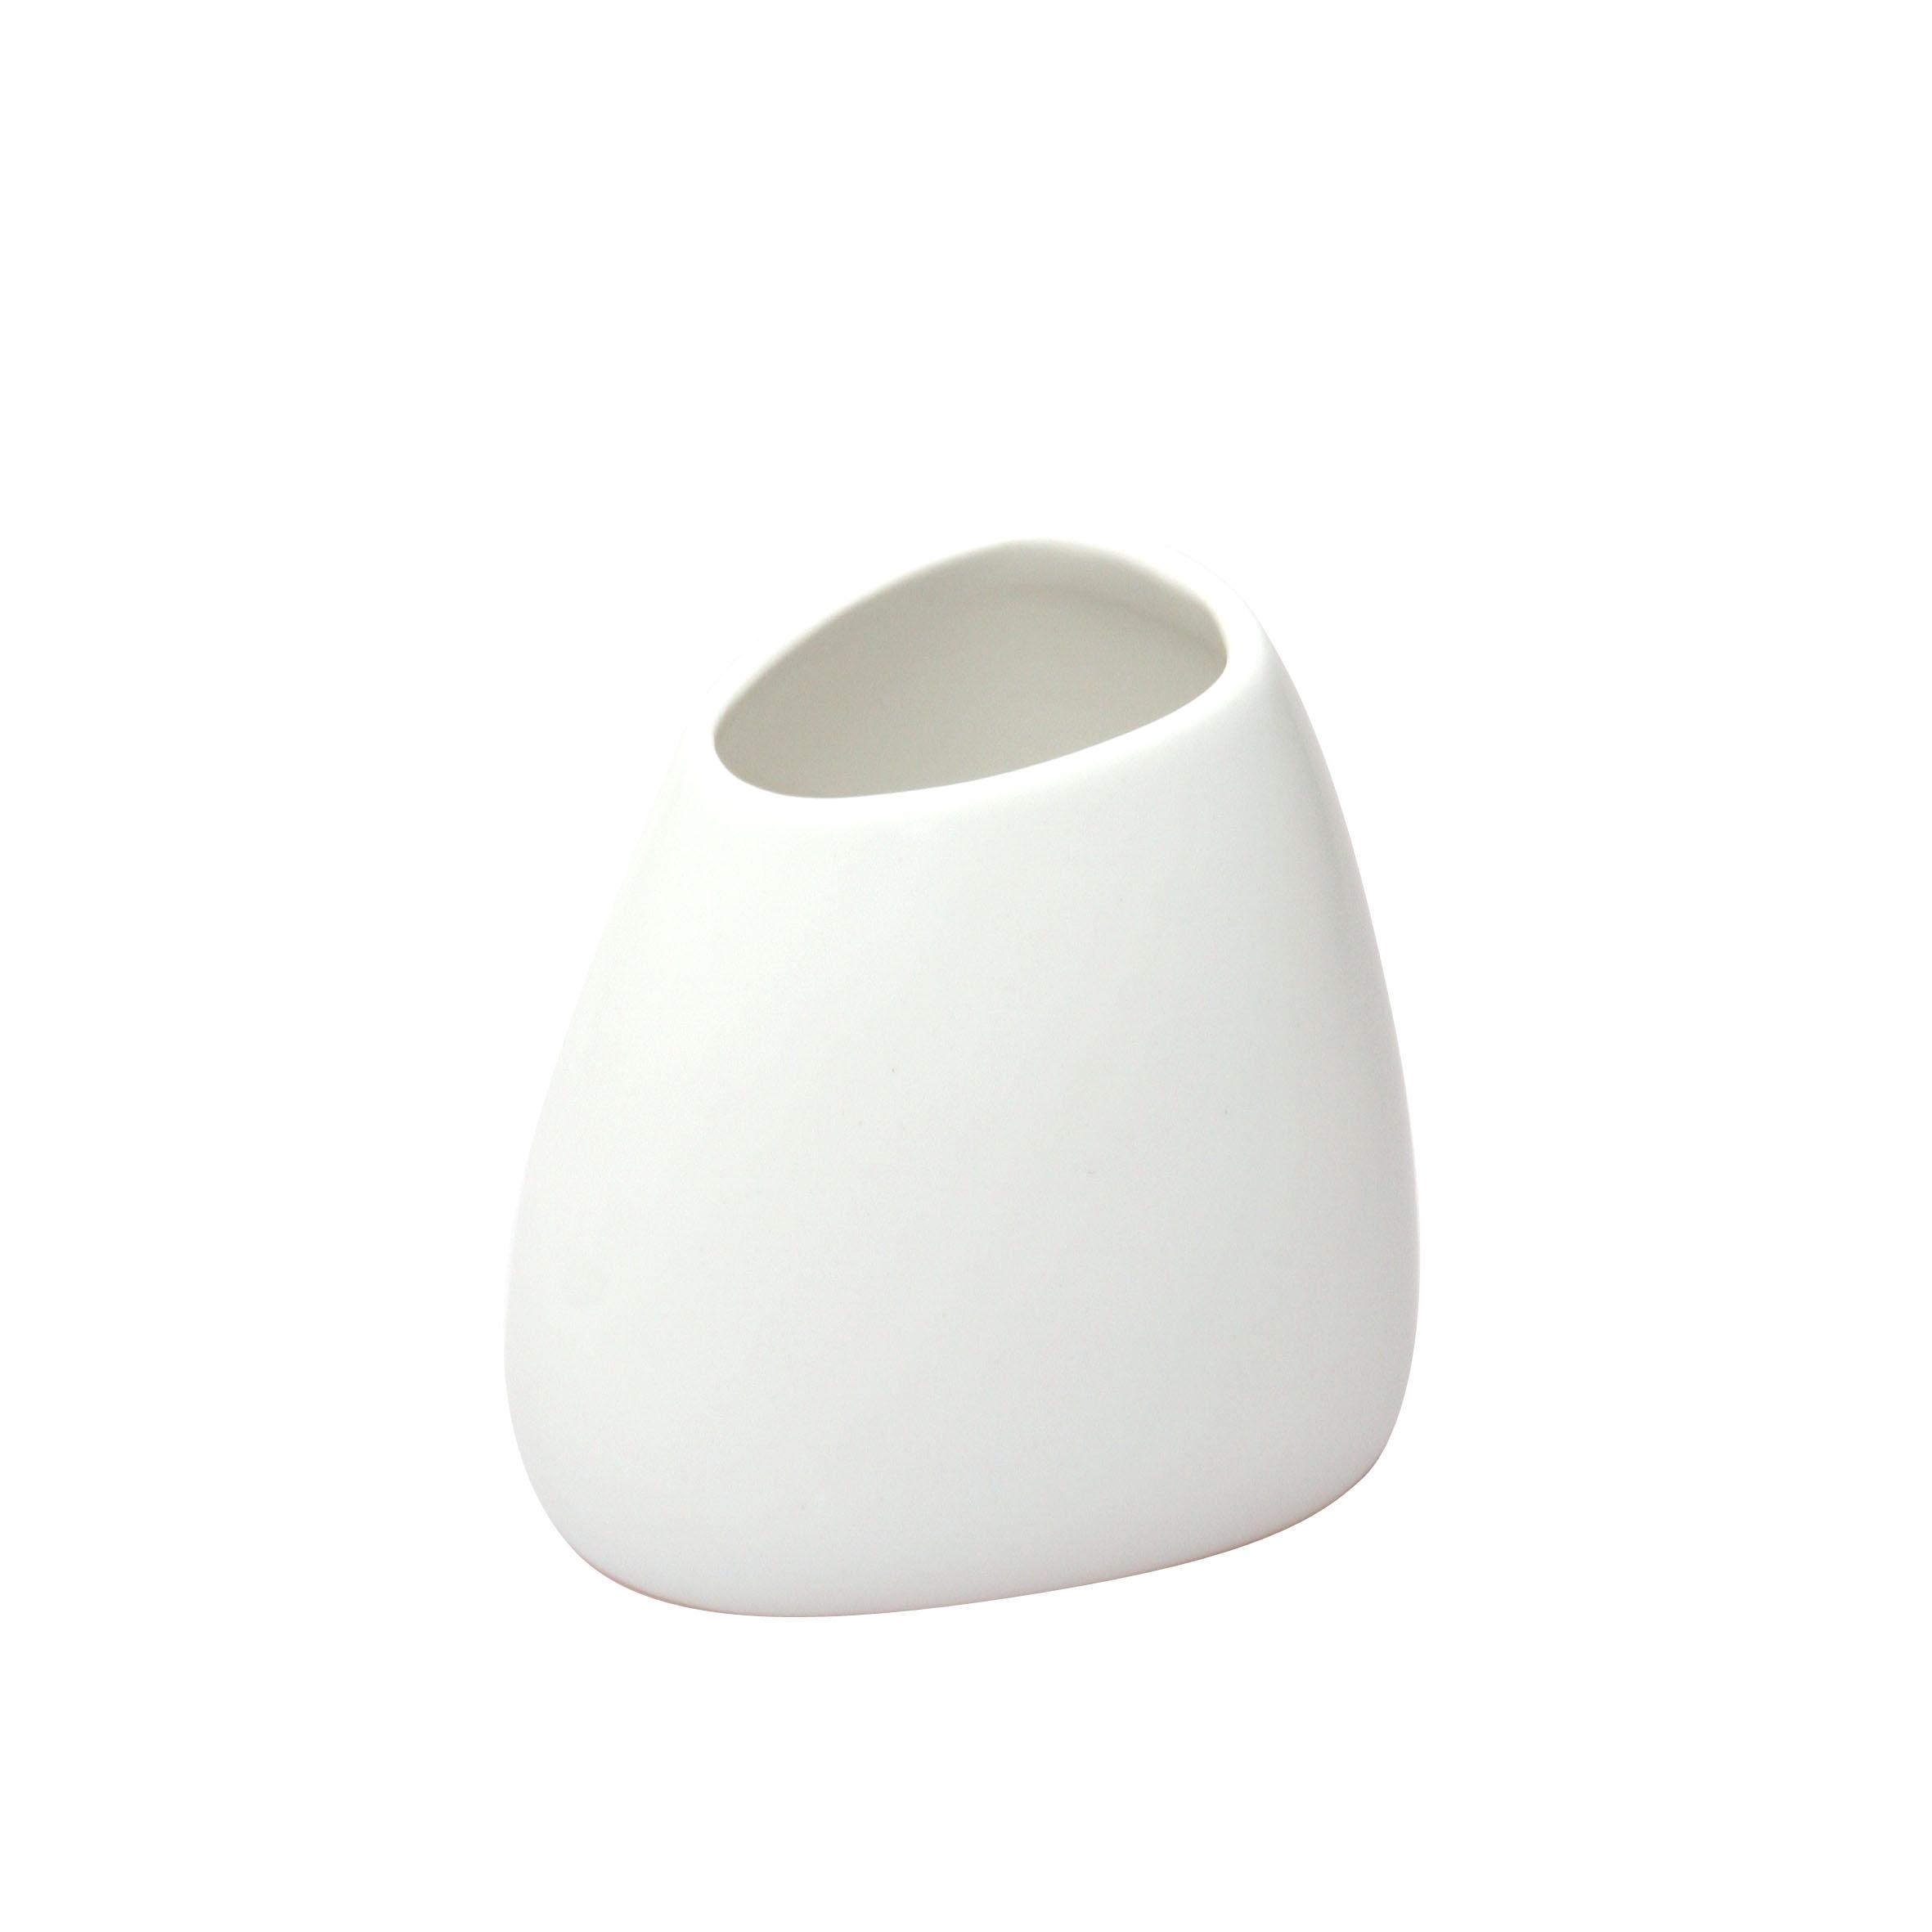 Стакан для зубных щеток Axentia Lasslo282347Стакан для зубных щеток Axentia Lasslo выполнен из матовой керамики оригинальной формы. Изделие превосходно дополнит интерьер ванной комнаты.